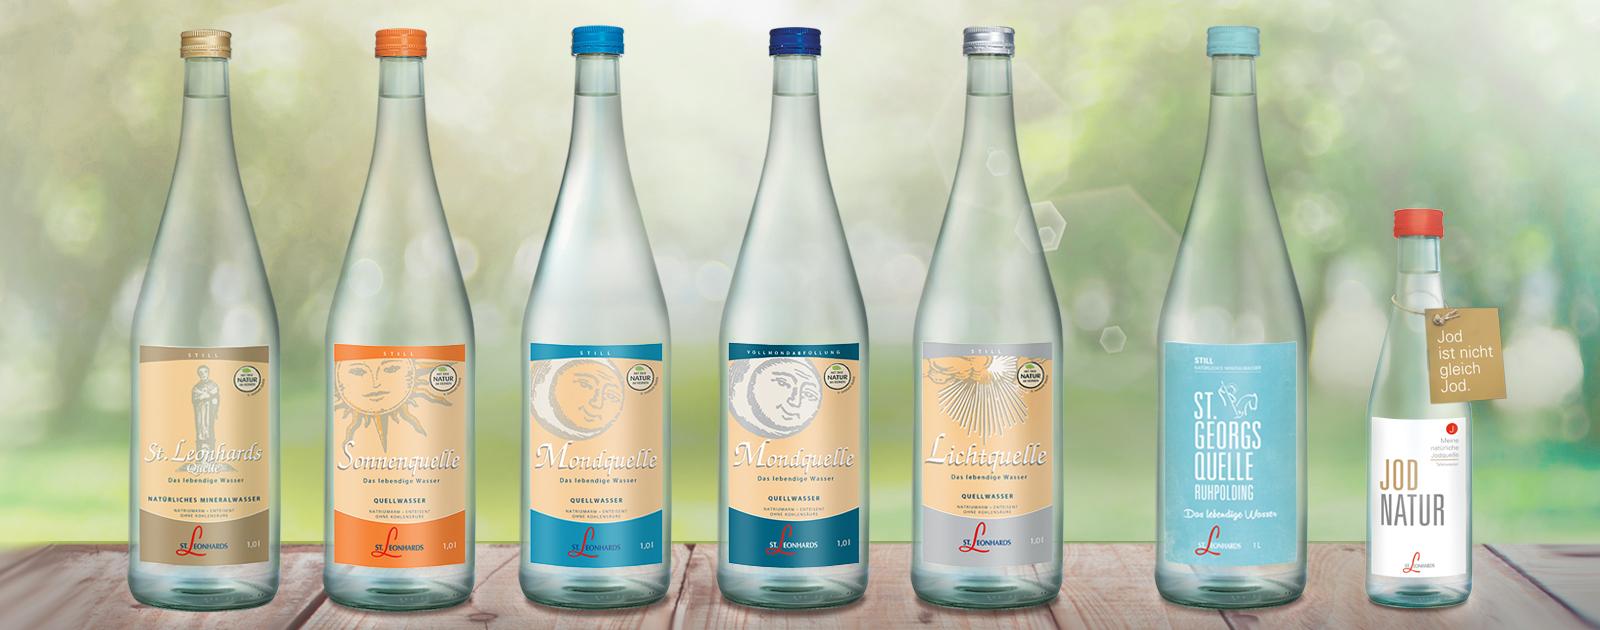 Teste Wasser von St. Leonhards Produkttest Nachhaltig